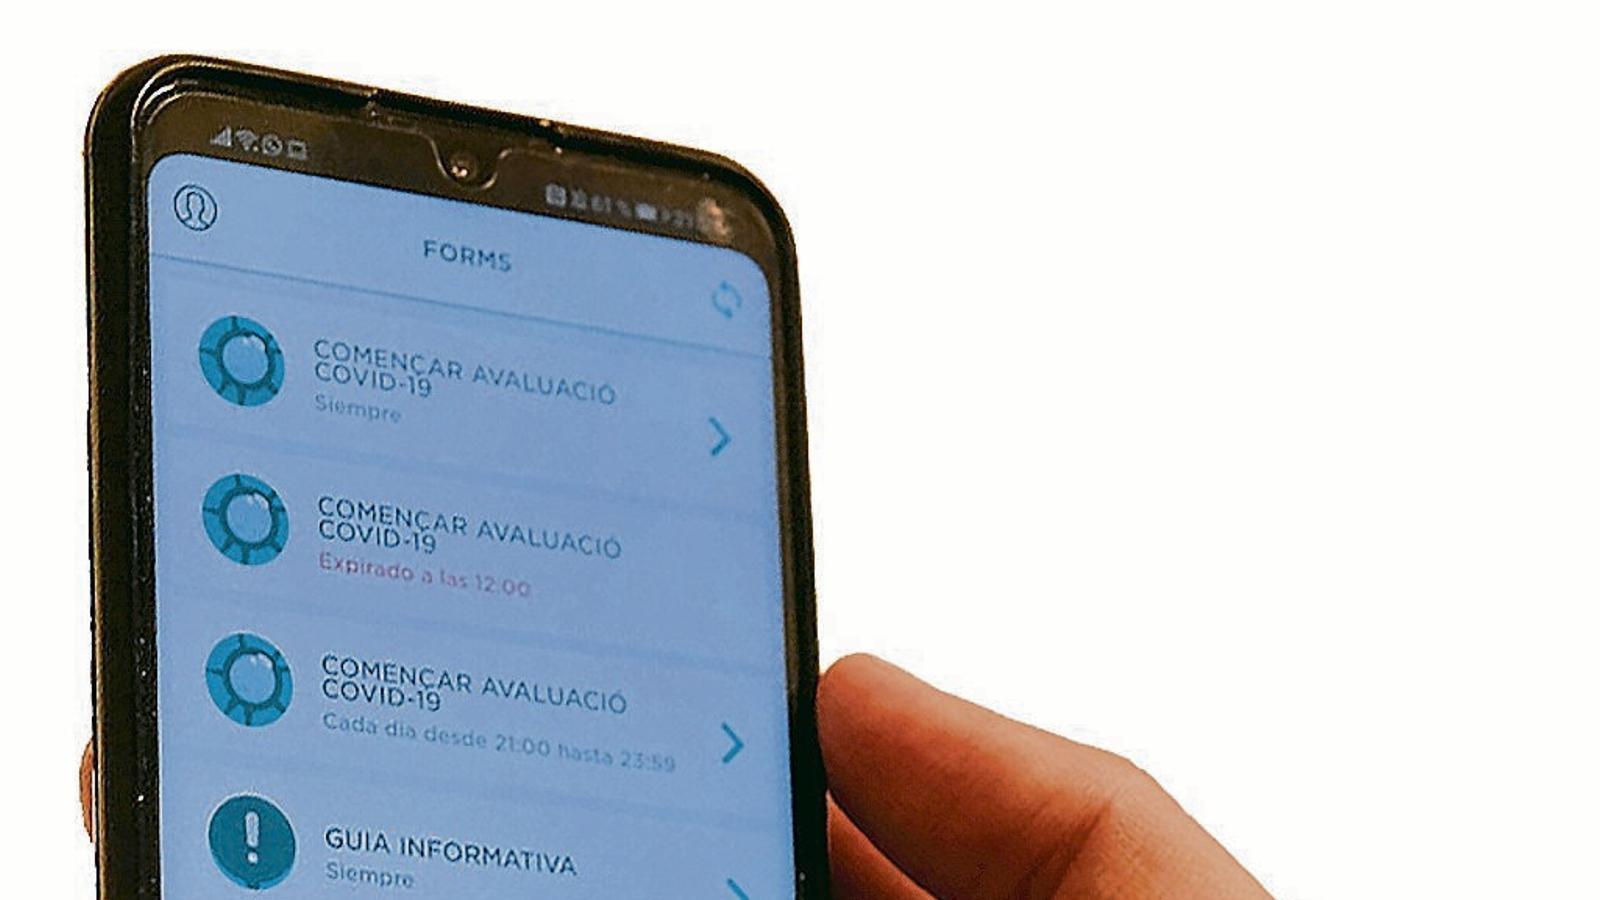 L'aplicació del Govern per al covid-19 exposava les dades personals dels usuaris